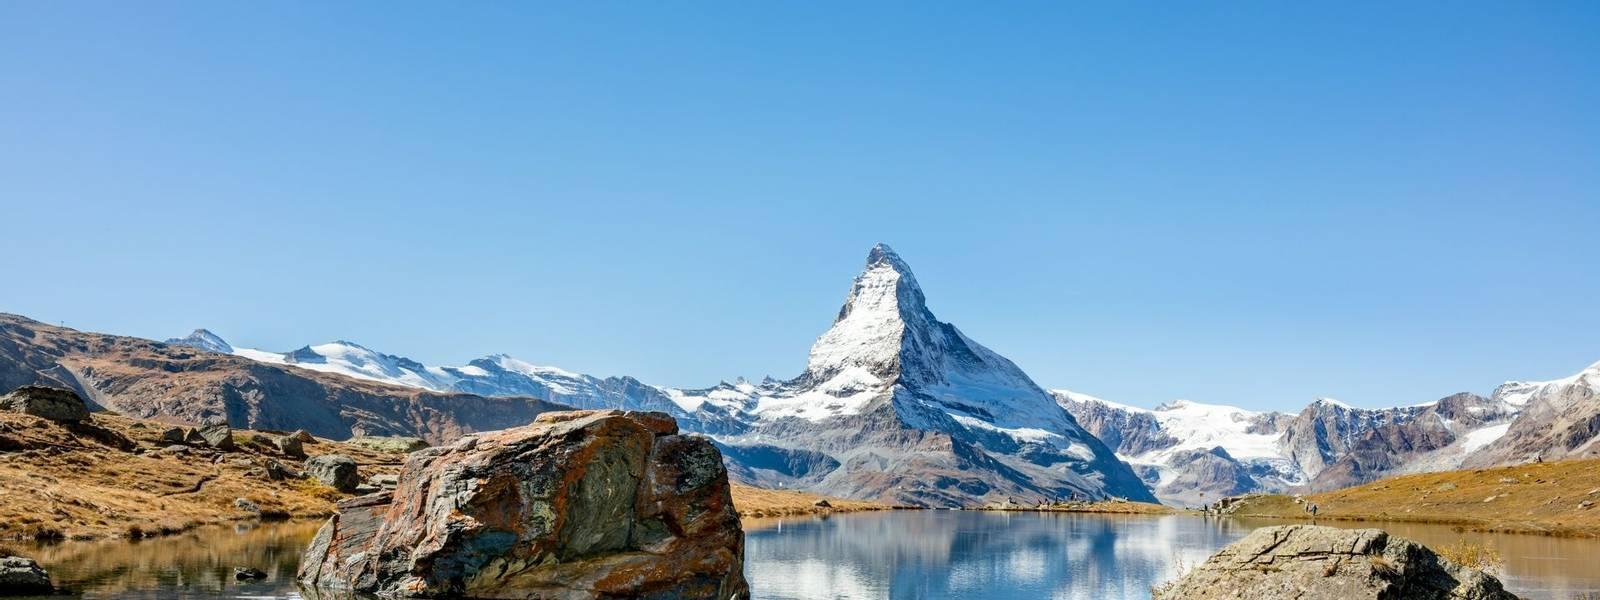 shutterstock_736266235 Matterhorn.jpg